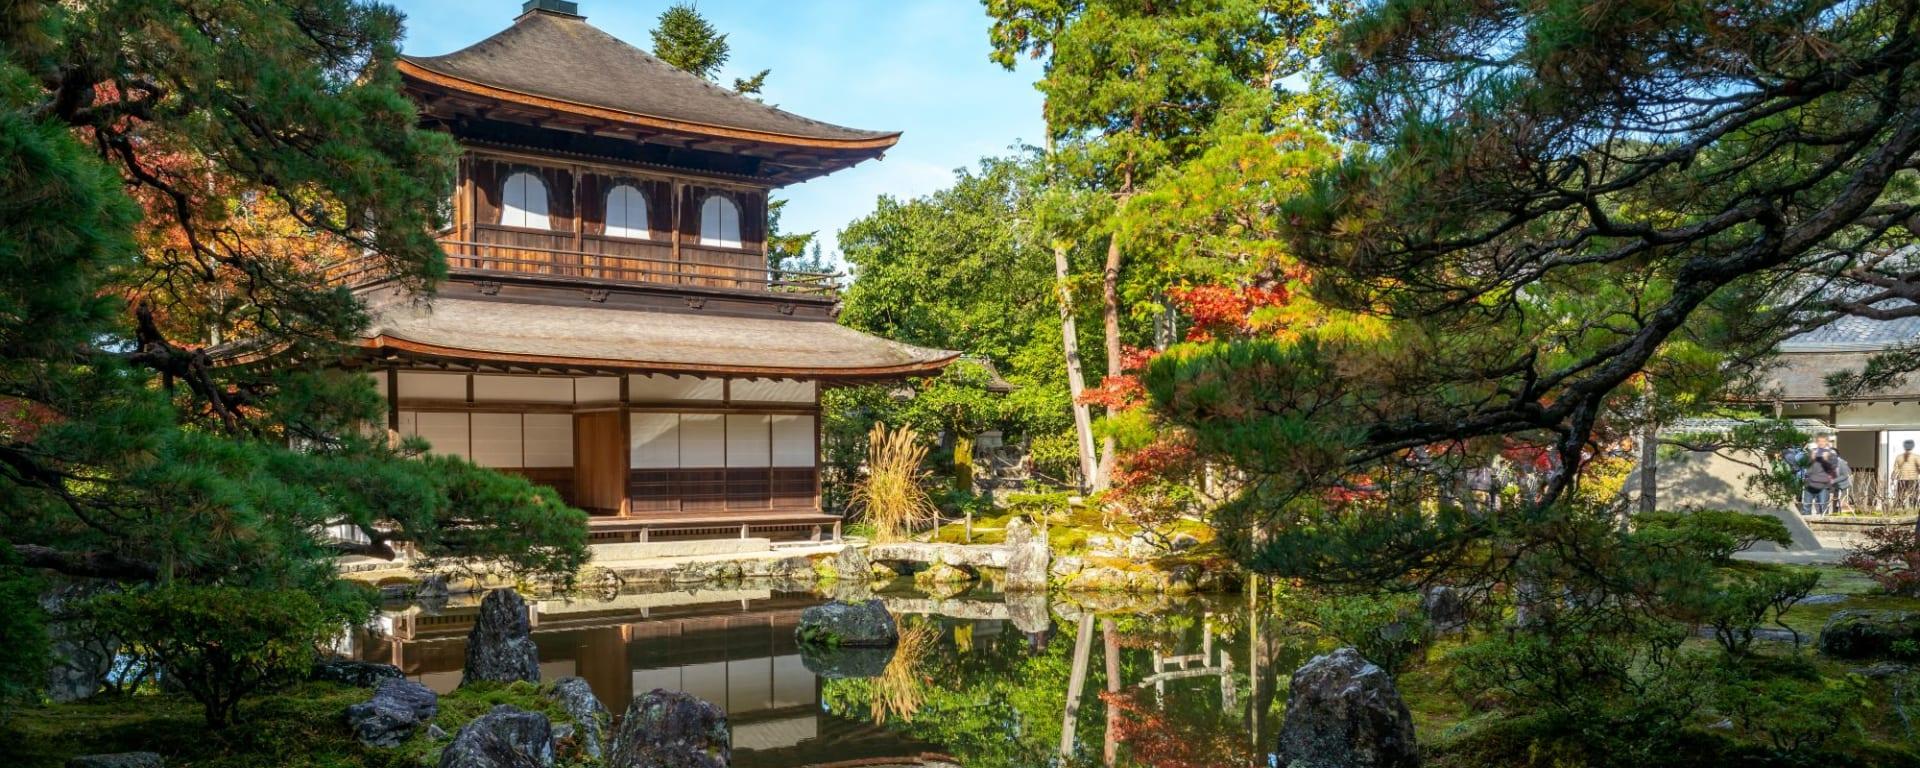 Les hauts lieux du Japon avec prolongation de Tokyo: Kyoto Silver Pavillion